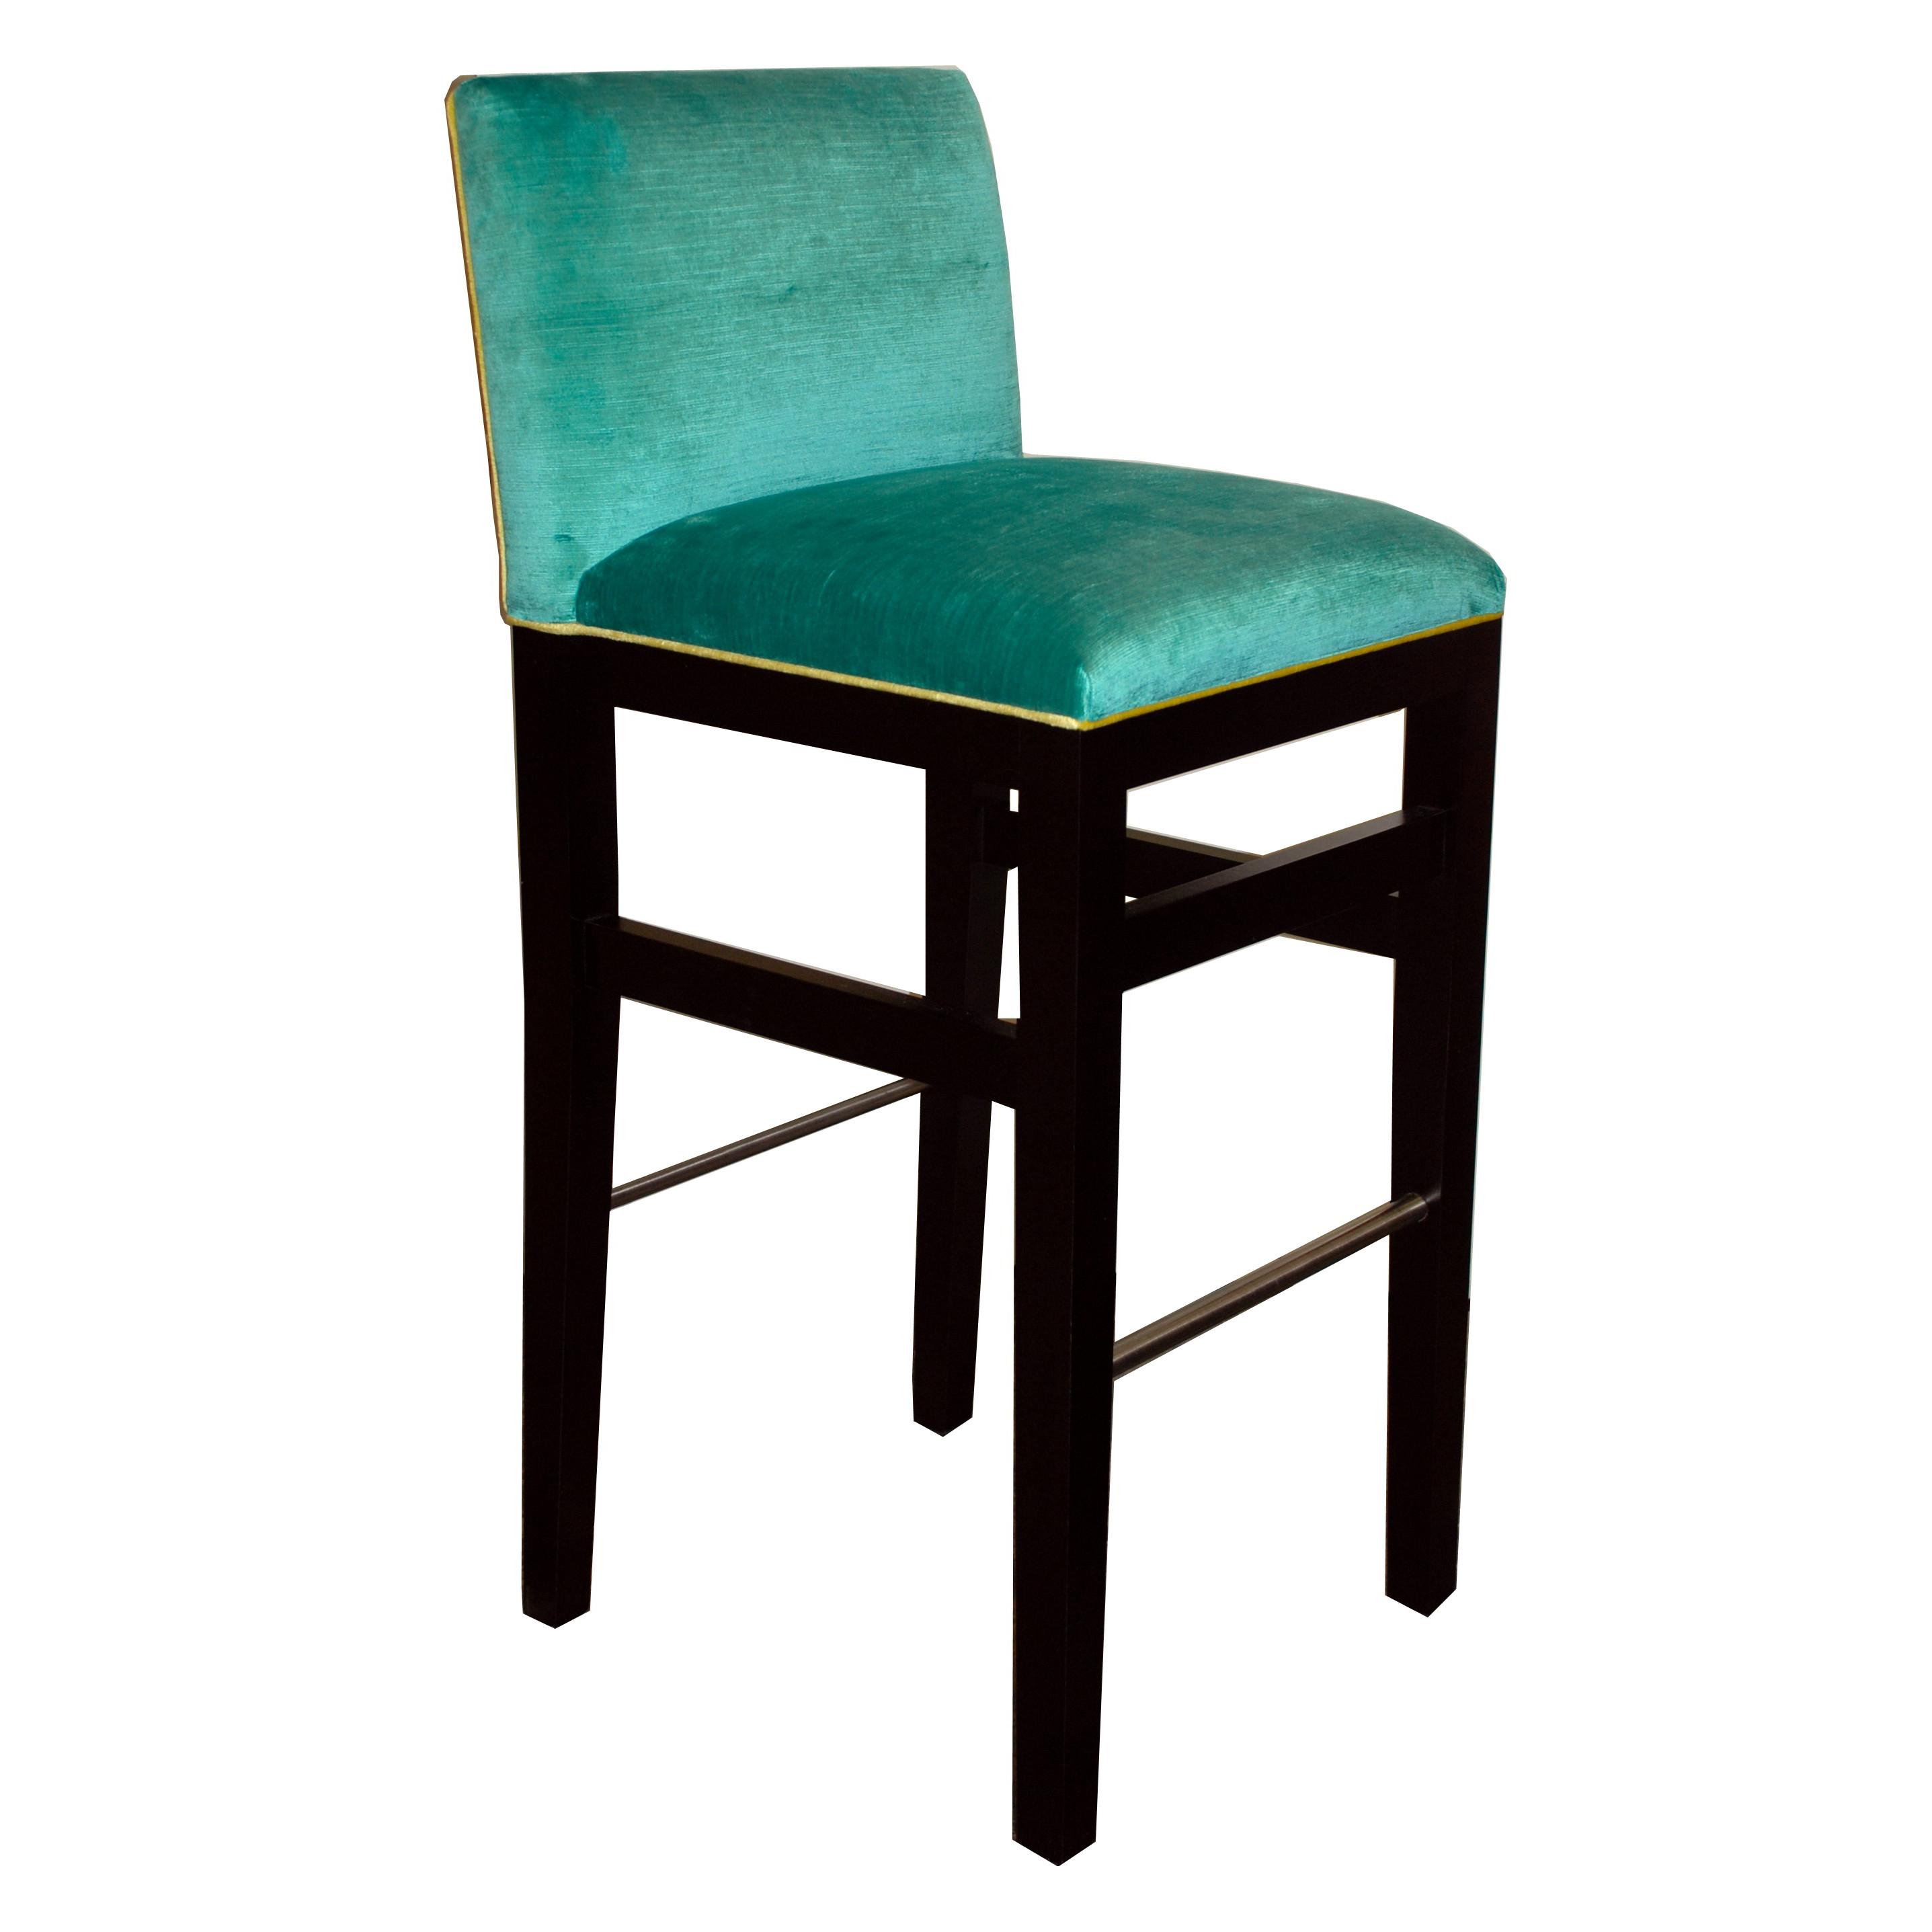 Firle Bar Stool Handmade In Uk Chairmaker